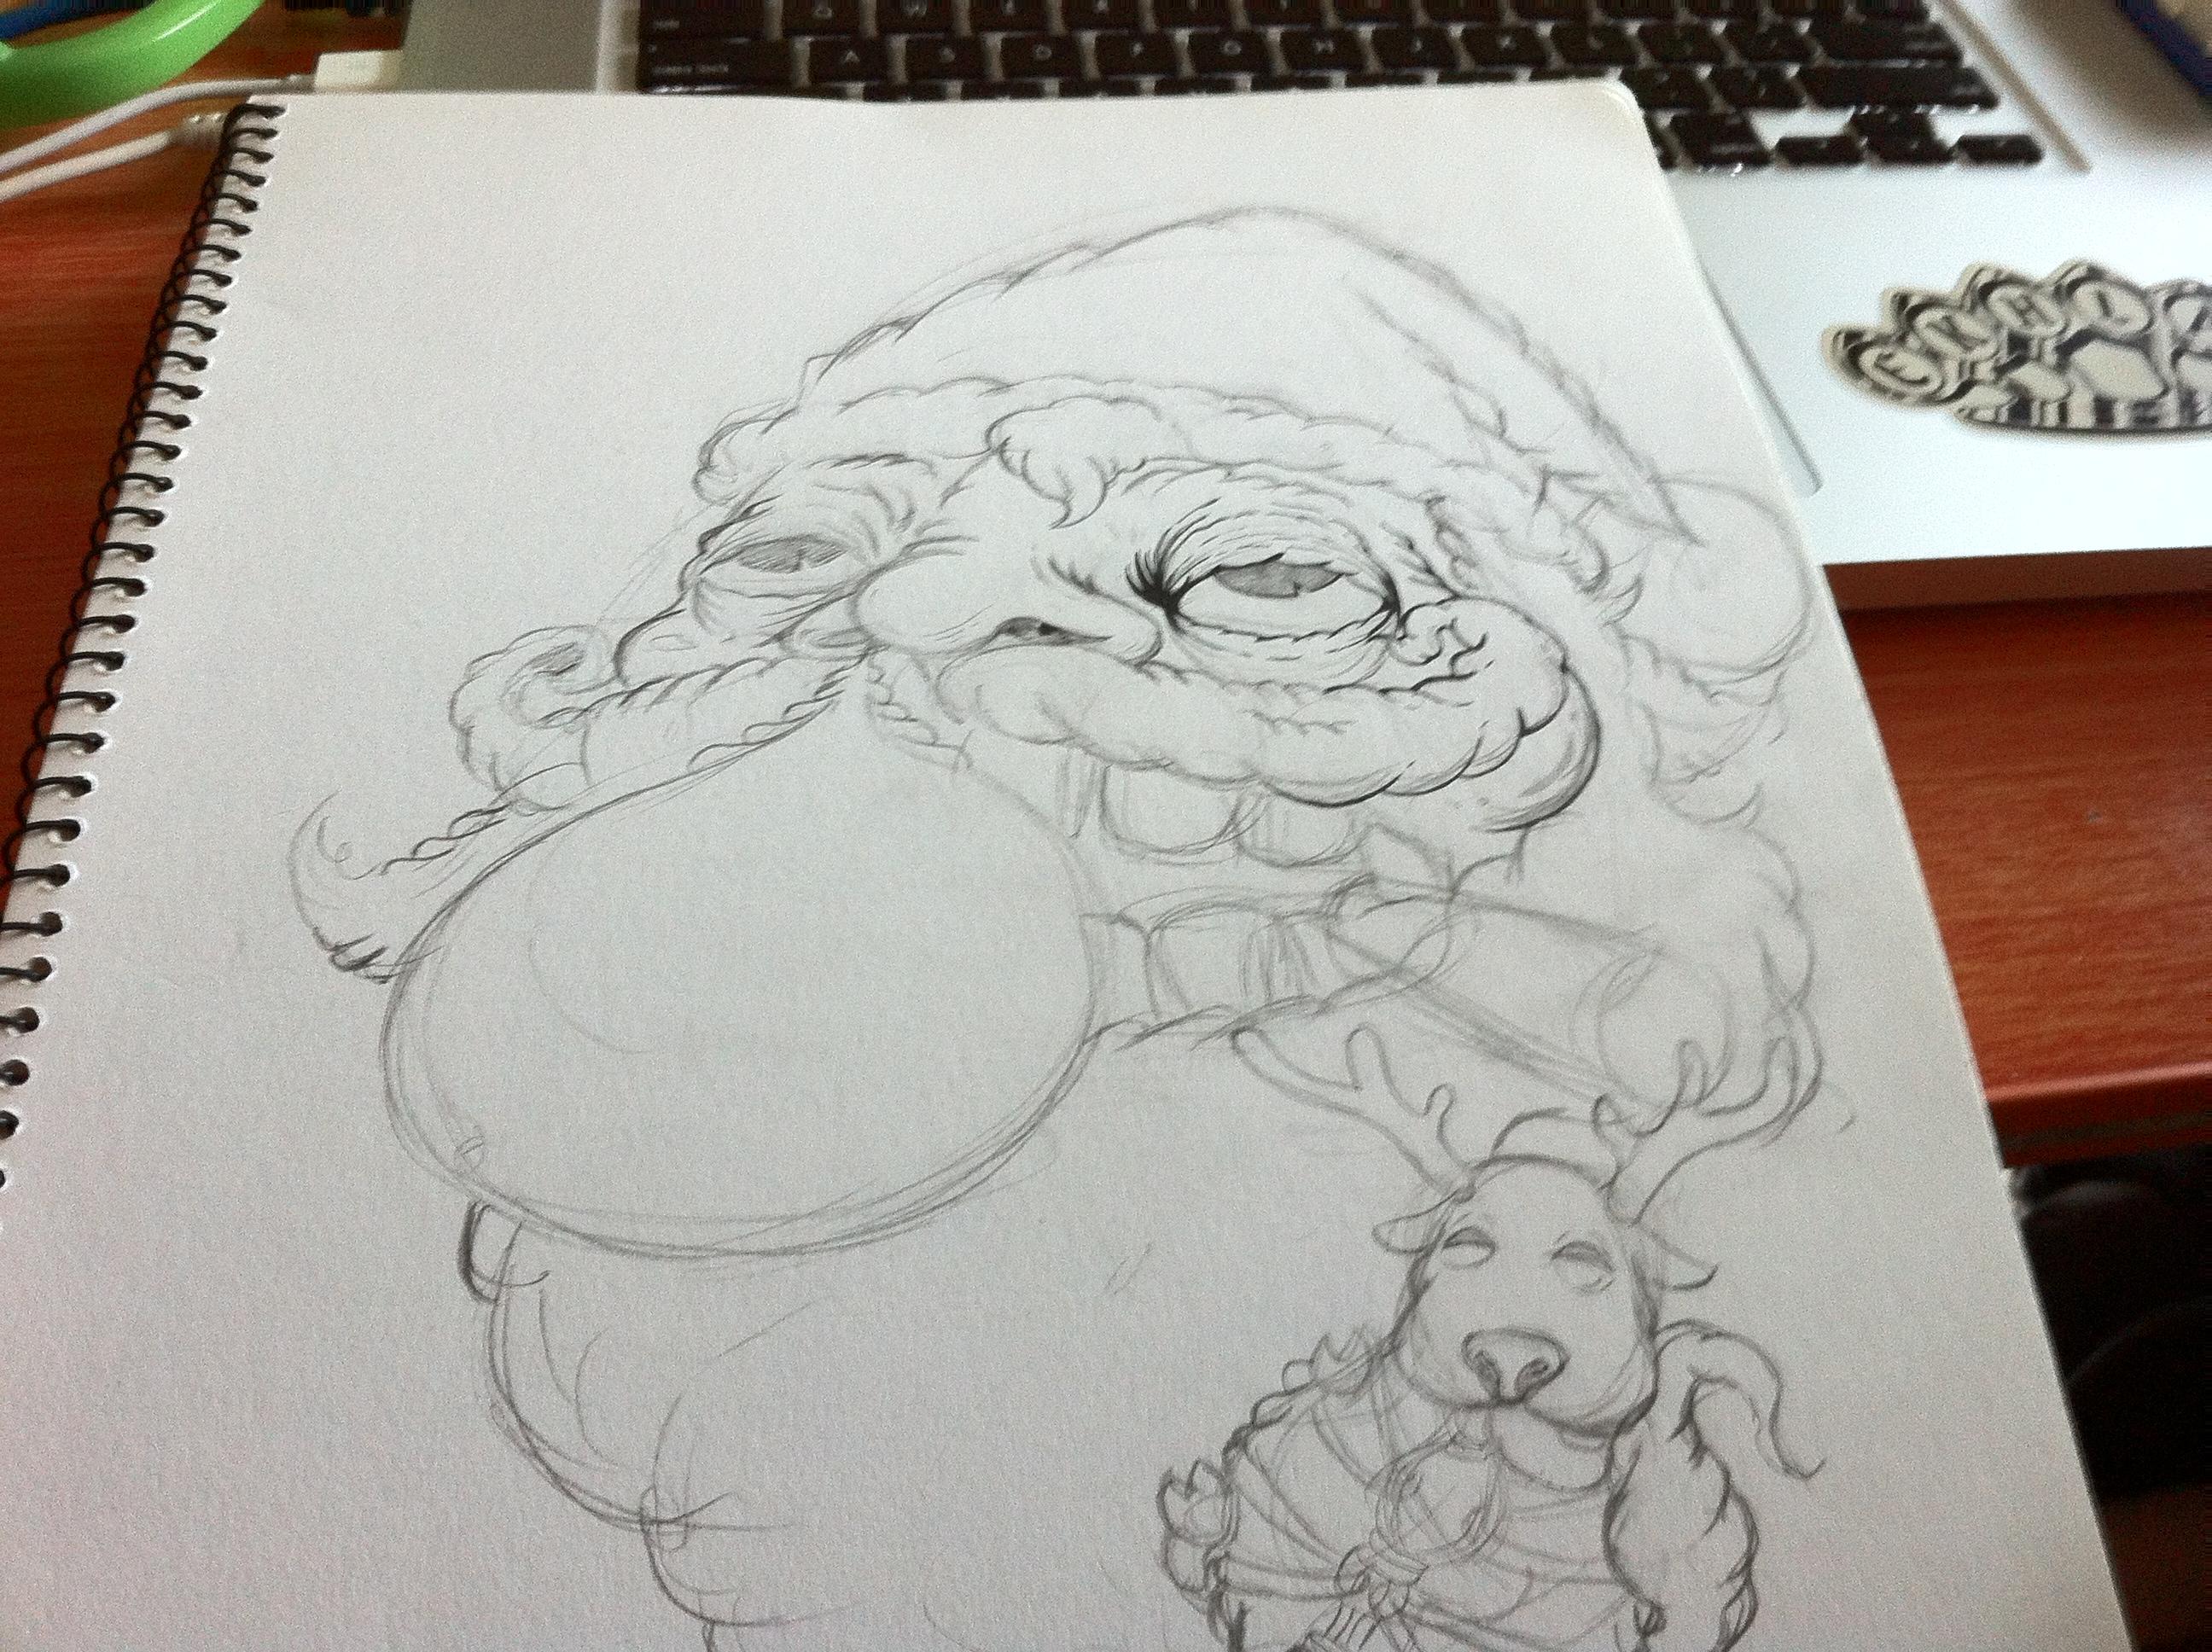 公公的sm_大家圣诞快乐啊~每个欢乐得圣诞老公公身边总有个被sm的小鹿